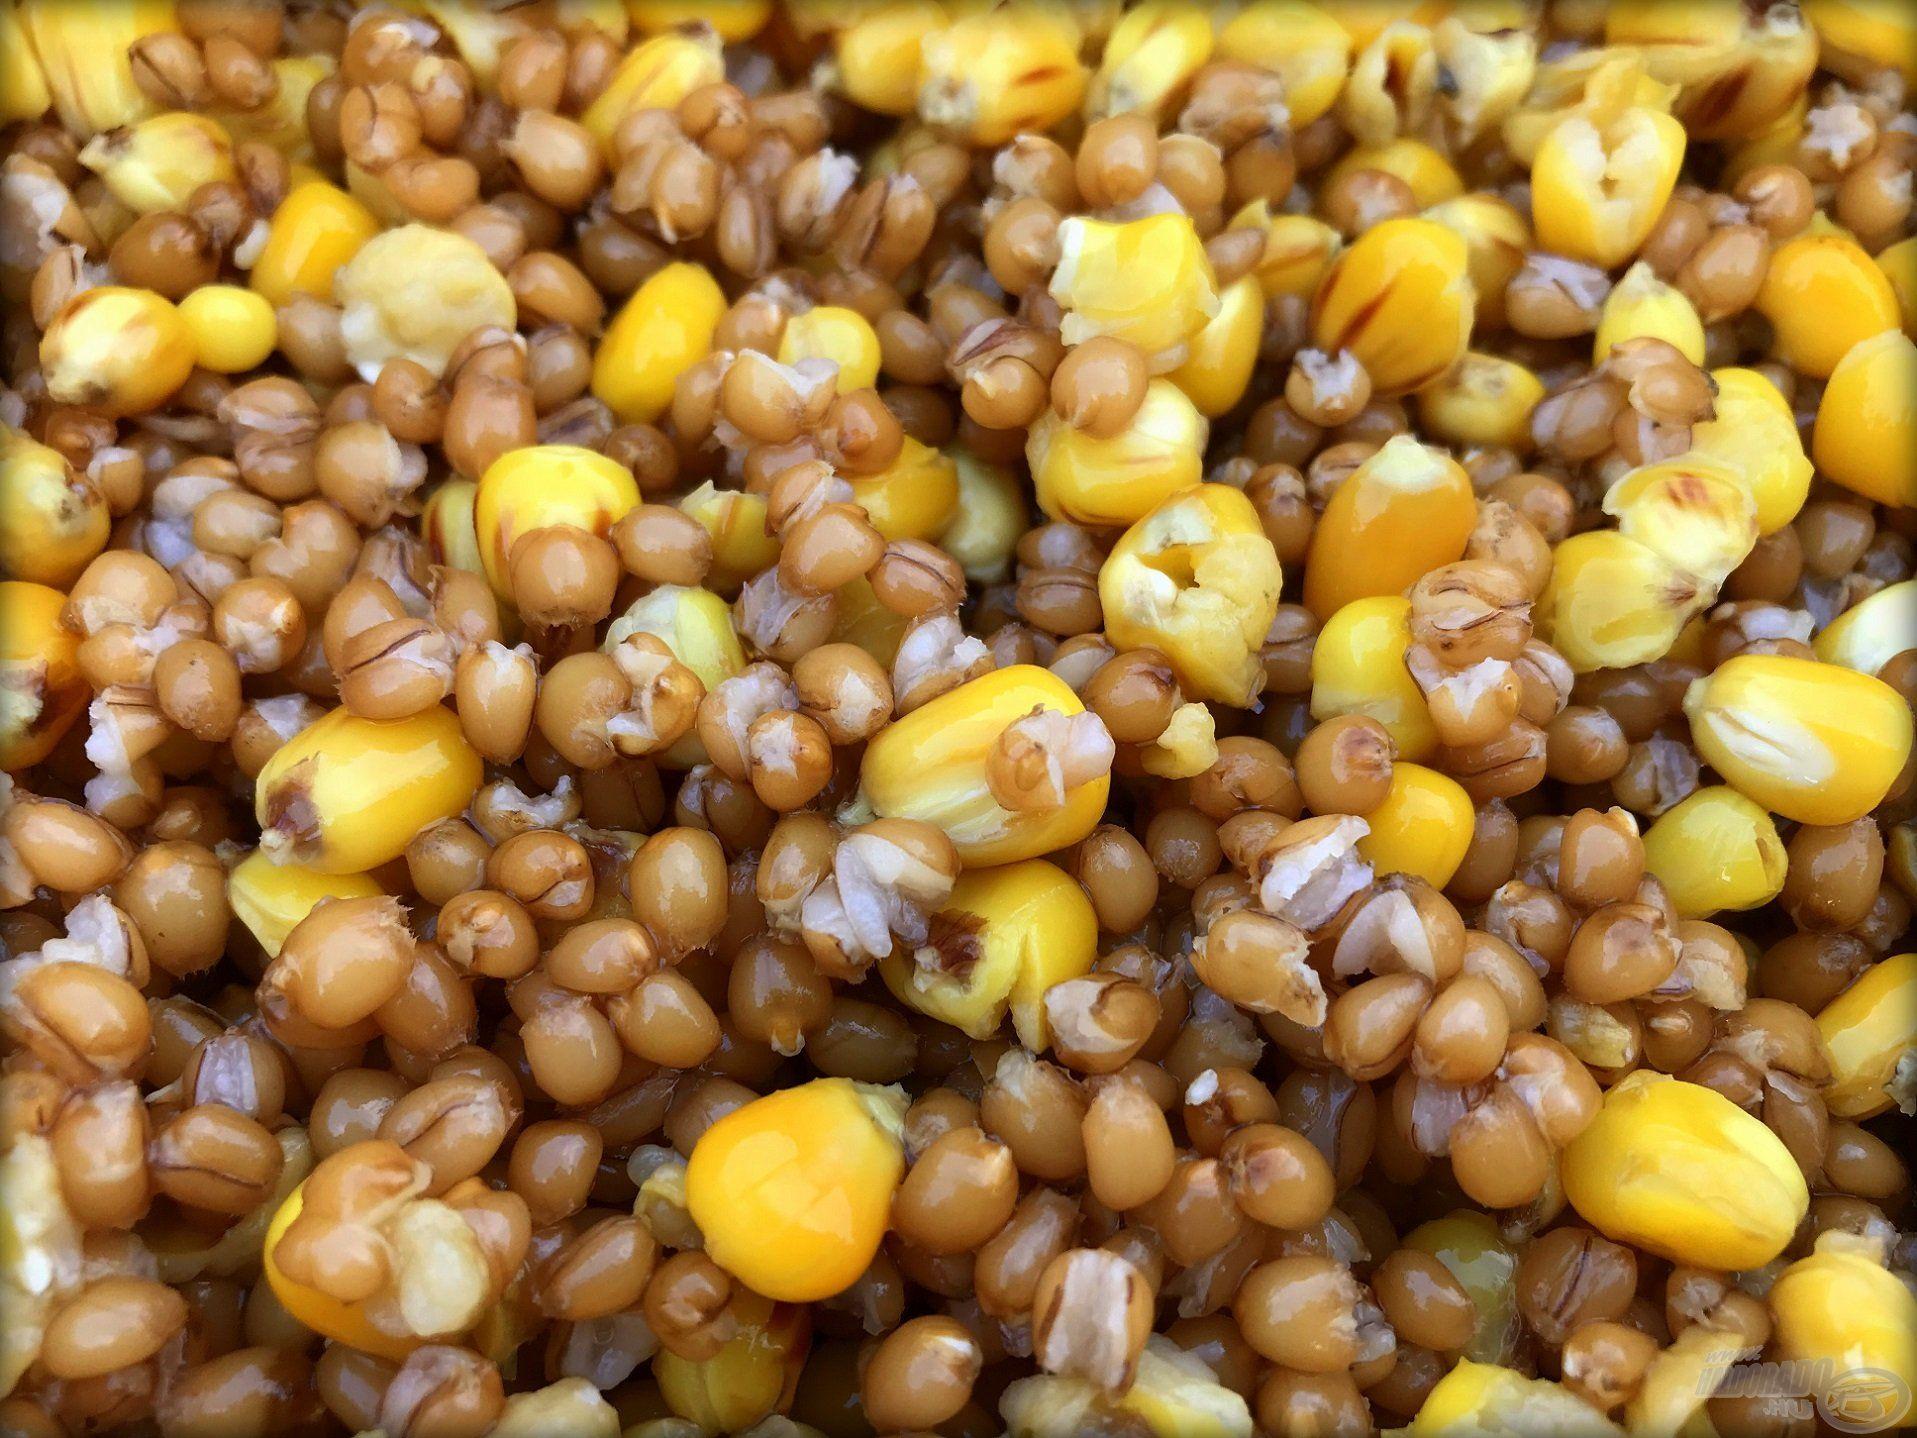 Főtt kukorica és búza alkotja a keverék nagy részét